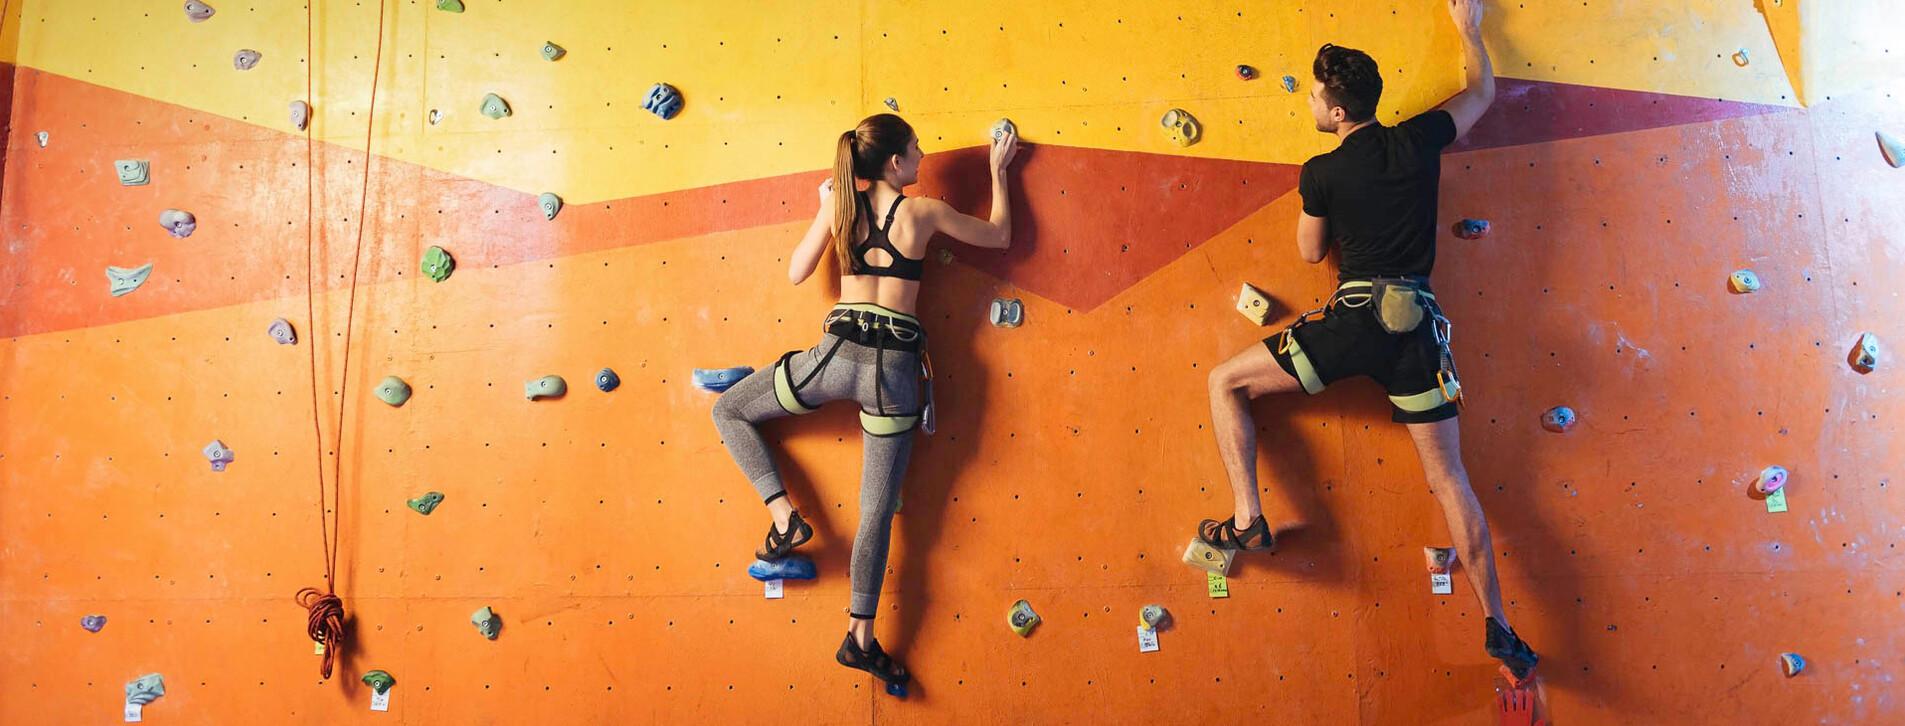 Fotoğraf - İki Kişi için Tırmanış Eğitimi